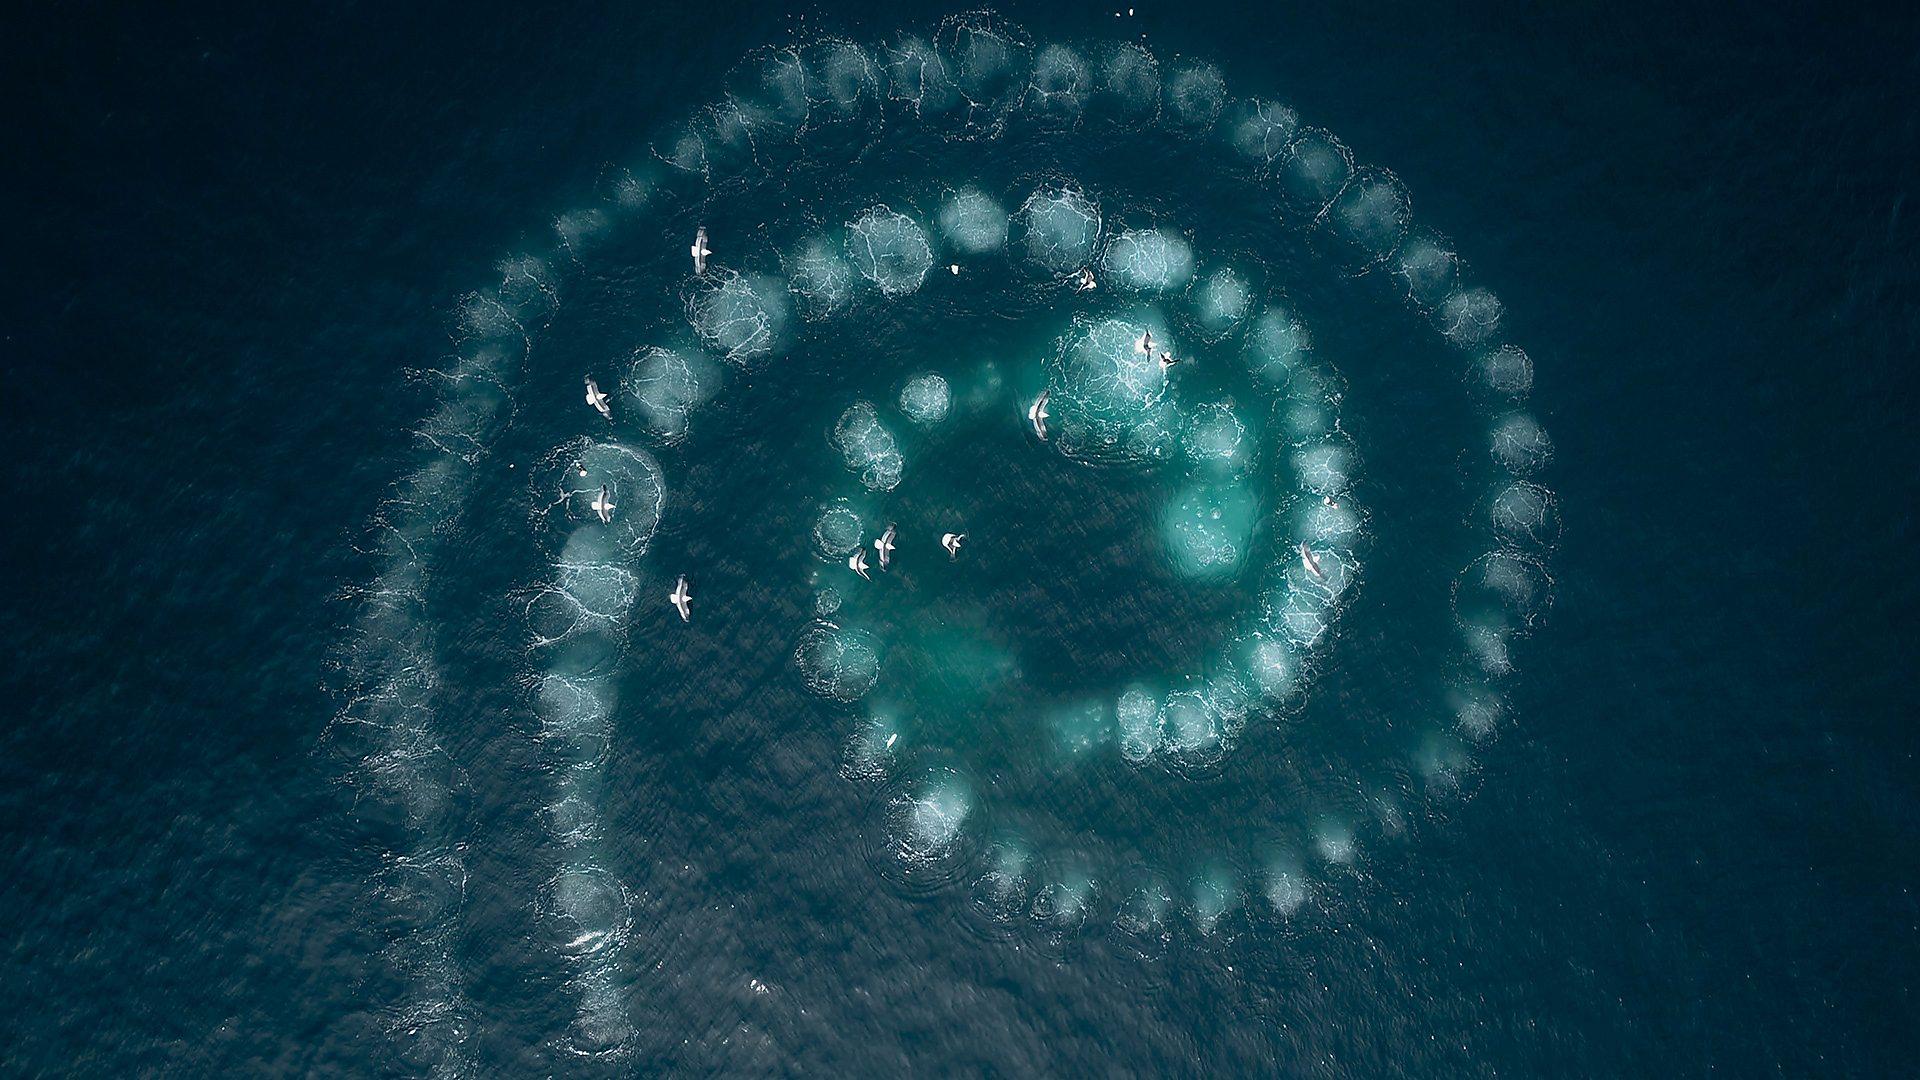 הפוטג' העילי הבא של גדול סנפיר צד דגים באלסקה מהפנט ביופיו